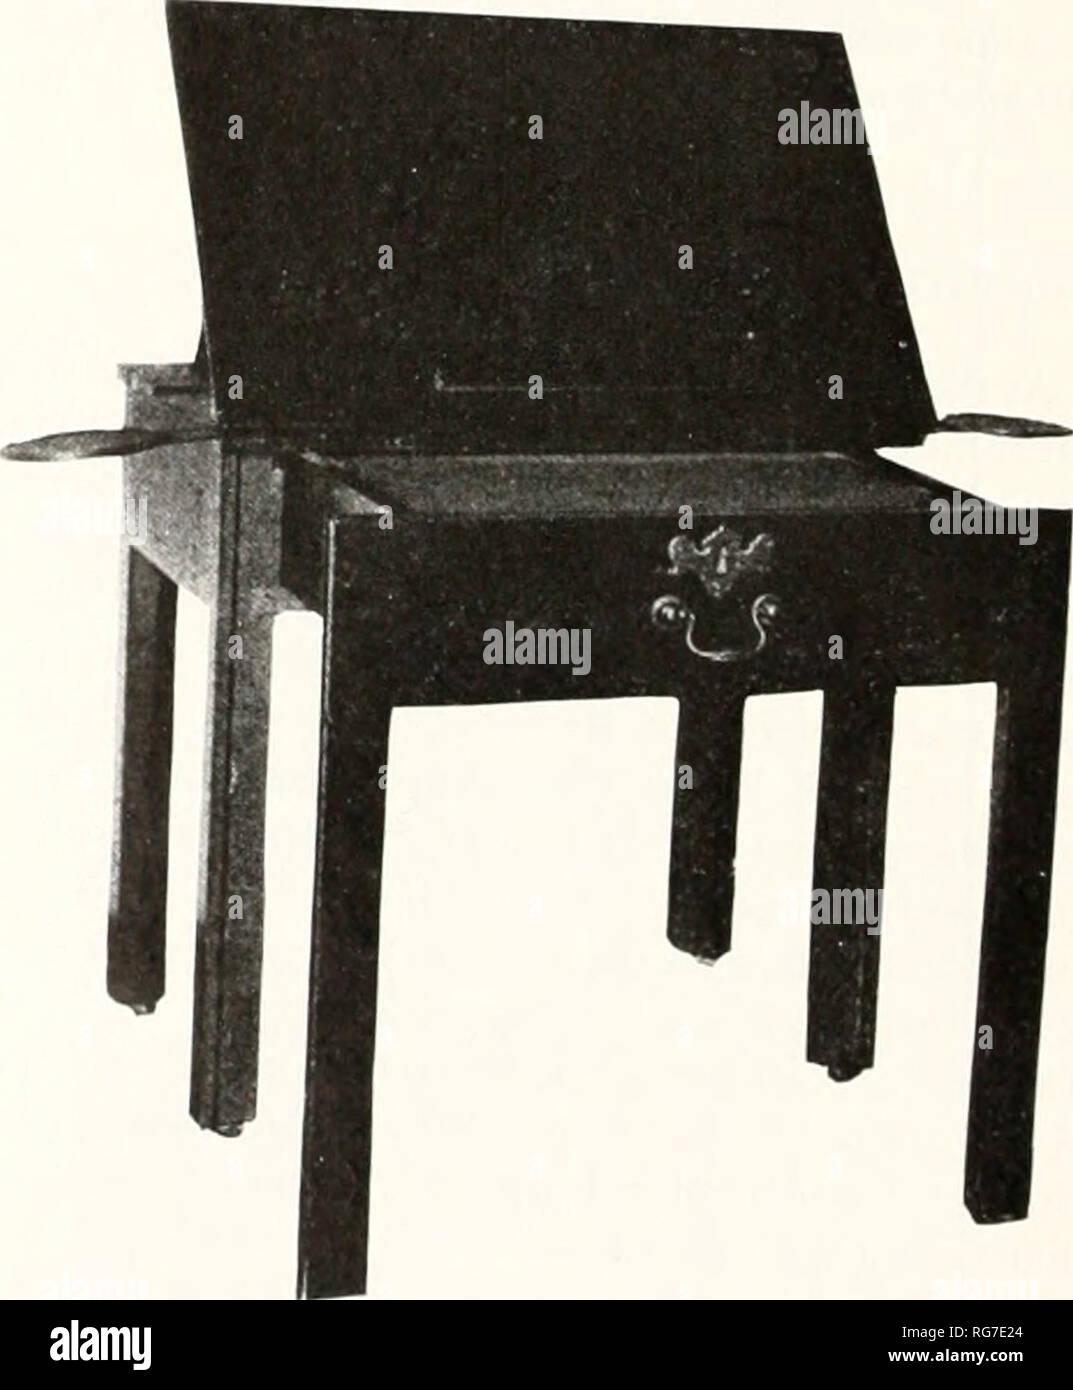 """. Boletín - Museo Nacional de los Estados Unidos. La ciencia. Figura 1.3.-HE PODIDO-escritorio en 1749 por Henry Purefoy .Shalstonc ^fanor en Buckinghamshire por John Belchier de Londres. En el año siguiente, .John Mercer recibido f43 13s. El valor de """"Gabinete Ware"""" desde que tomó nota de ebanista. (Reproducir,! Desde Purefoy letras. 1735-1753, 6'. B/e, ed.. Sidgwick y Jackson, Ltd.. Ij)ndon. 1931. Por cortés el permiso del editor). Por favor tenga en cuenta que estas imágenes son extraídas de la página escaneada imágenes que podrían haber sido mejoradas digitalmente para mejorar la legibilidad, la coloración y el aspecto de la Imagen De Stock"""